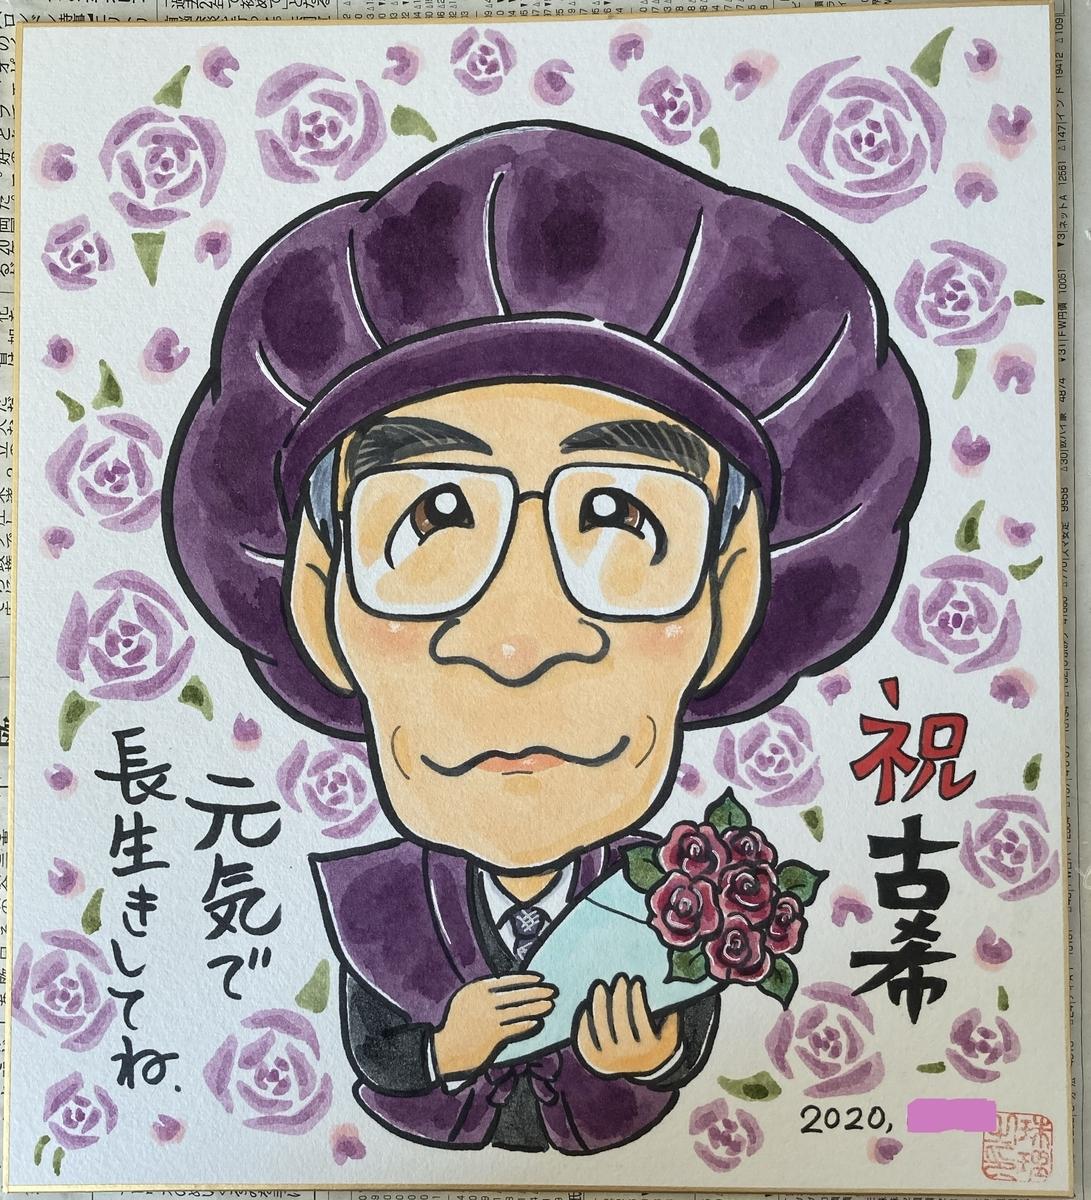 古希の祝いの似顔絵 紫の頭巾、ちゃんちゃんこ